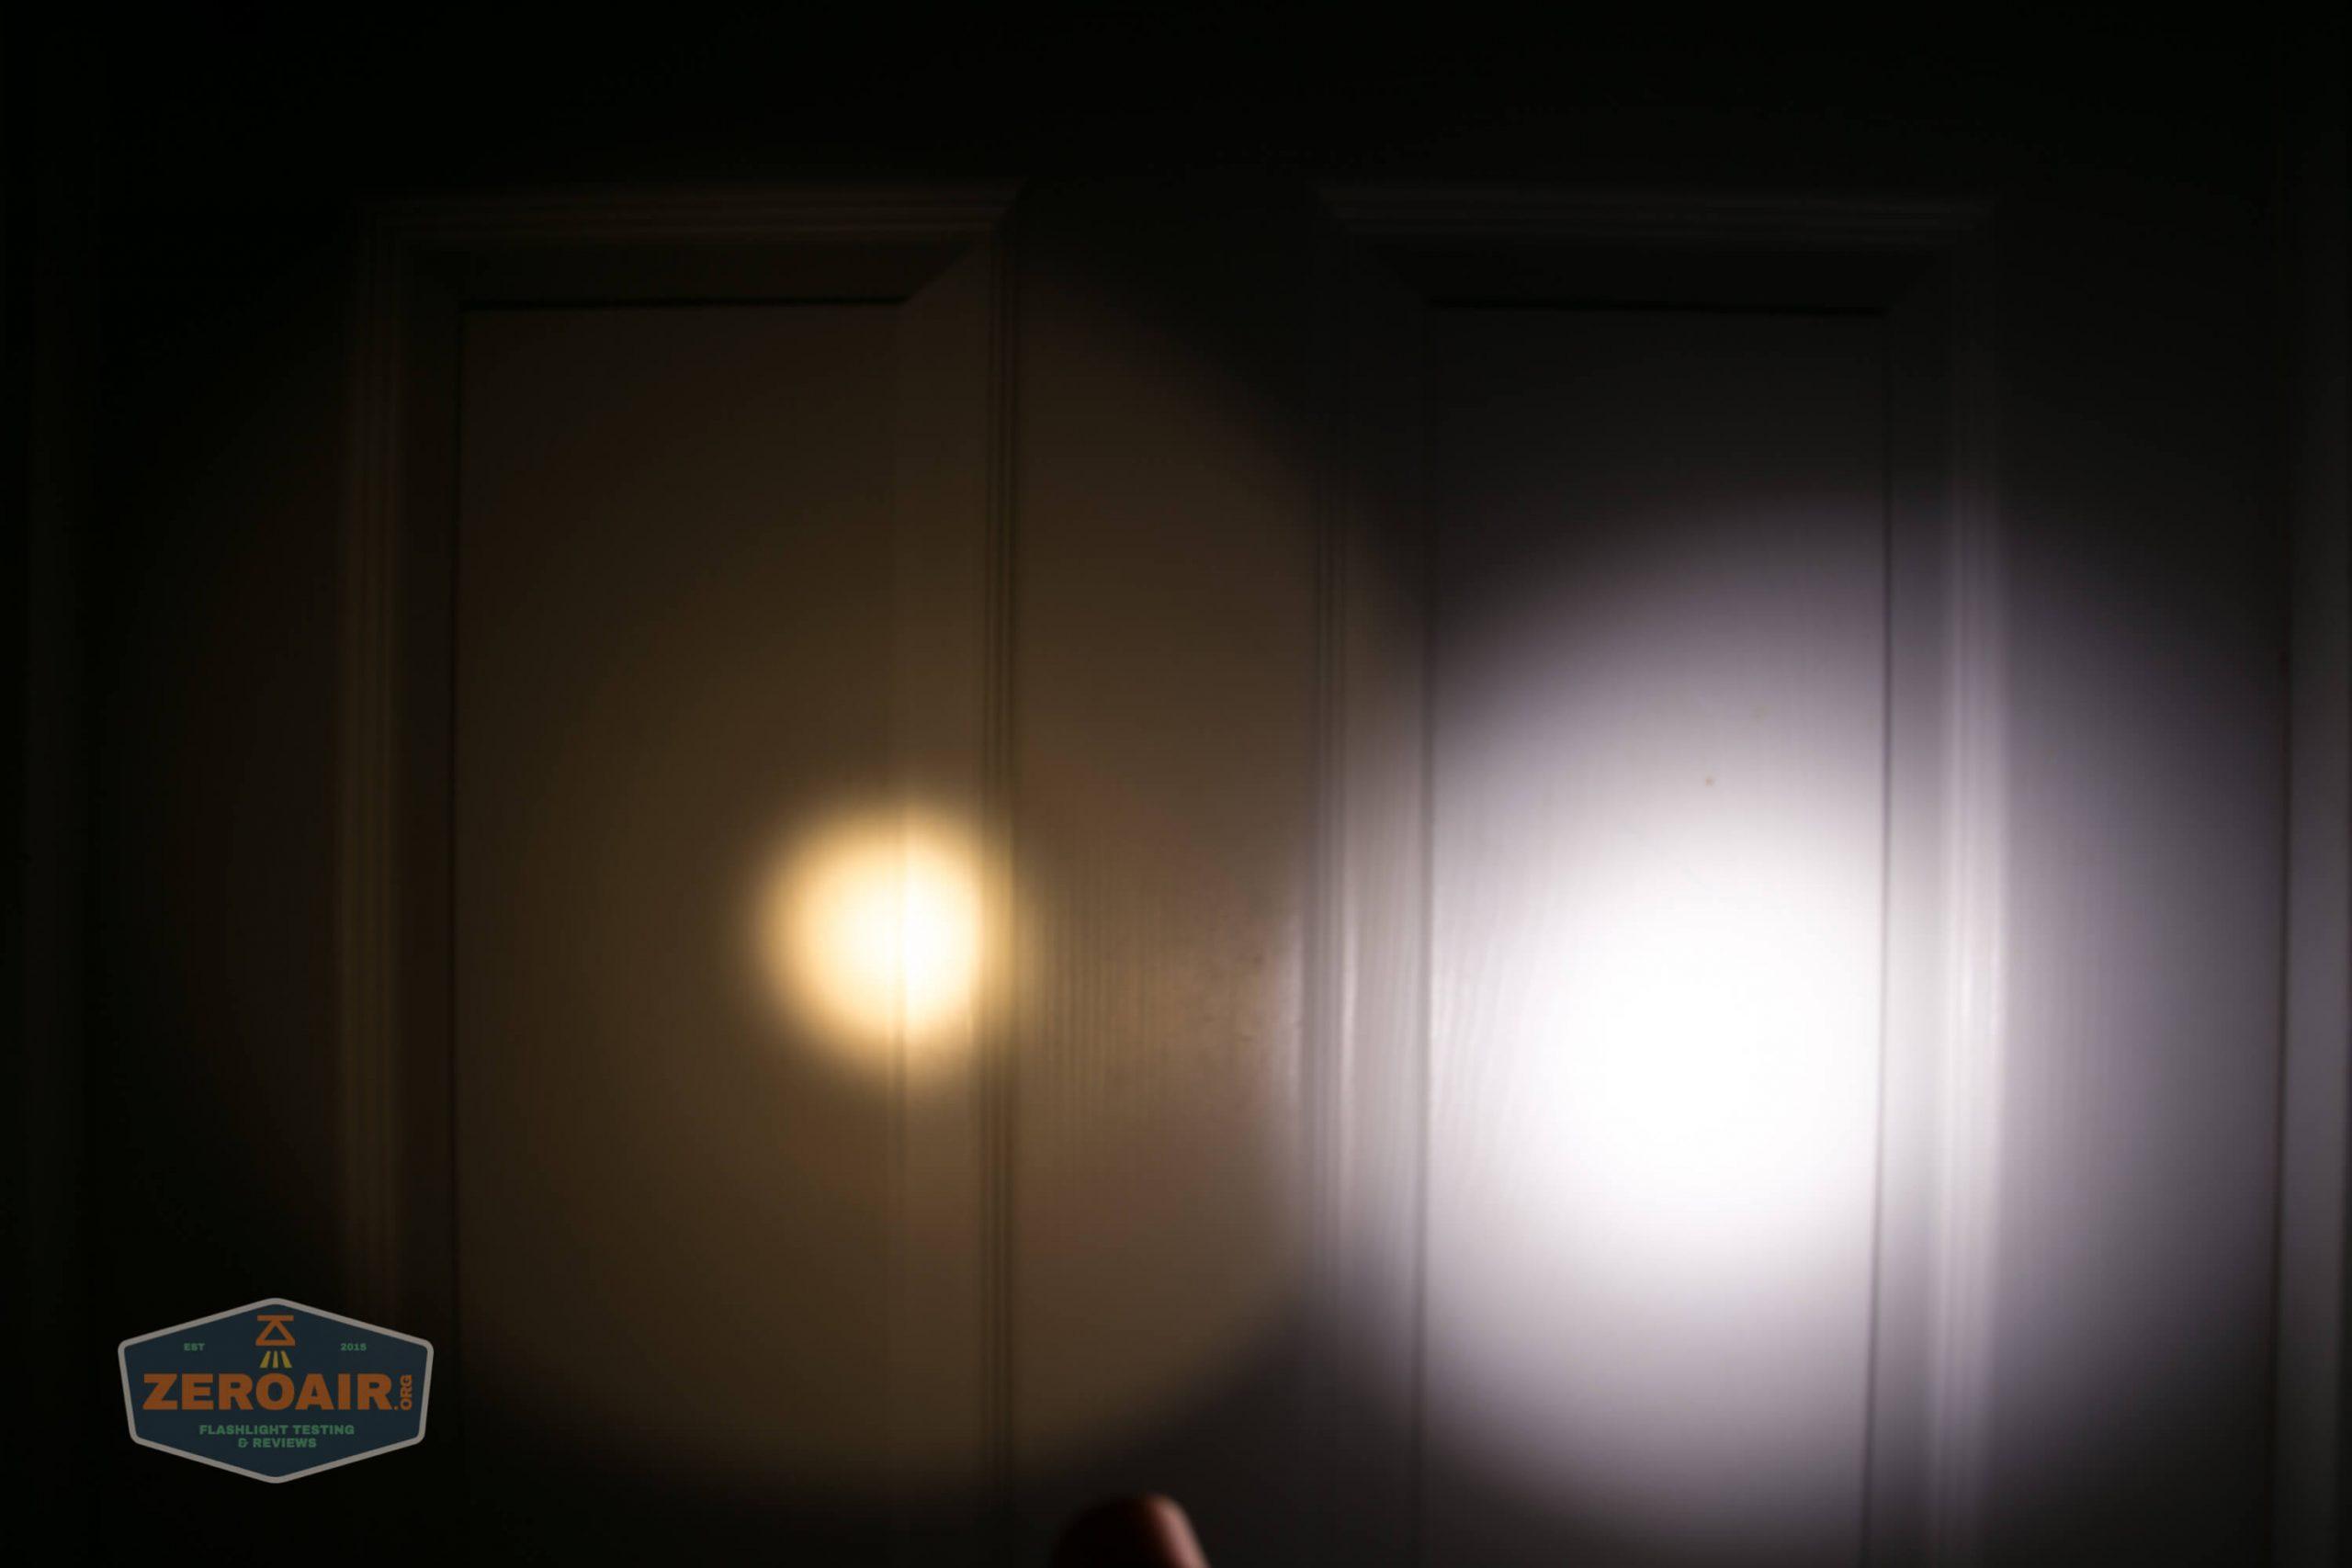 convoy s2+ sst20 2700K 6x7135 smooth reflector beamshots door